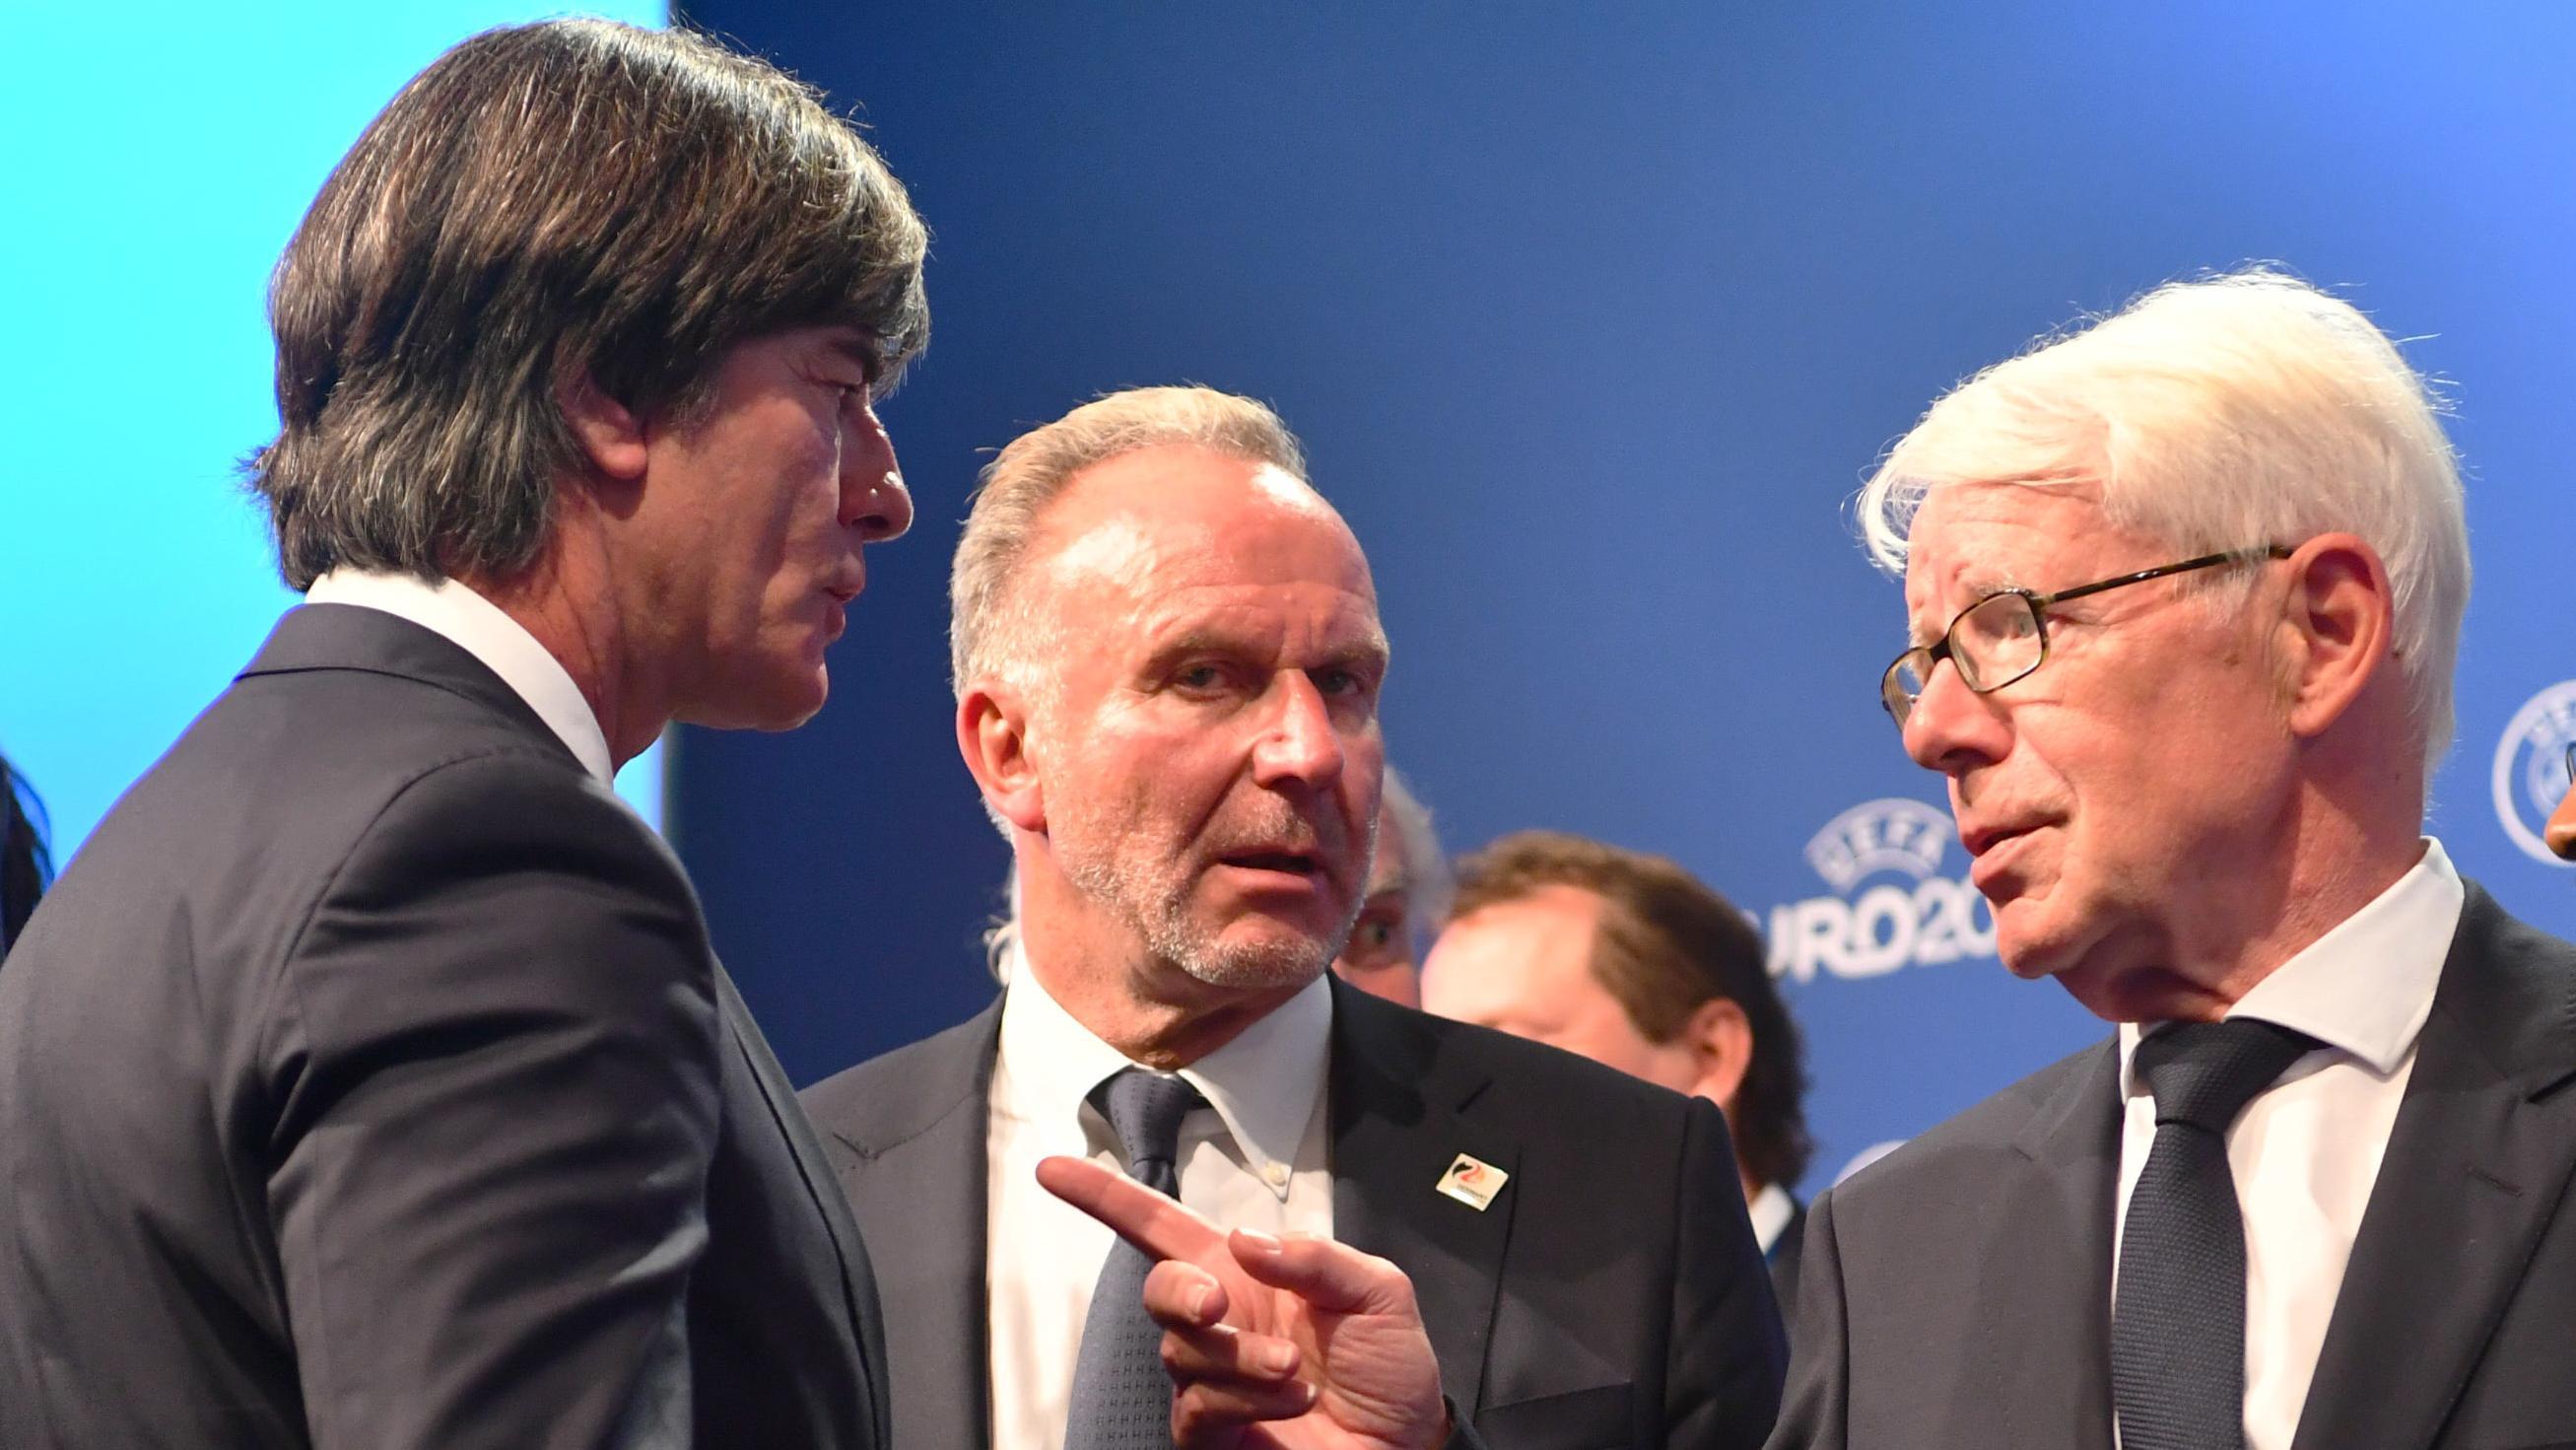 Bundestrainer Joachim Löw, FC-Bayern-Vorstandschef Karl-Heinz Rummenigge und Reinhard Rauball, Präsident der Deutschen Fußball-Liga DFL, in Nyon